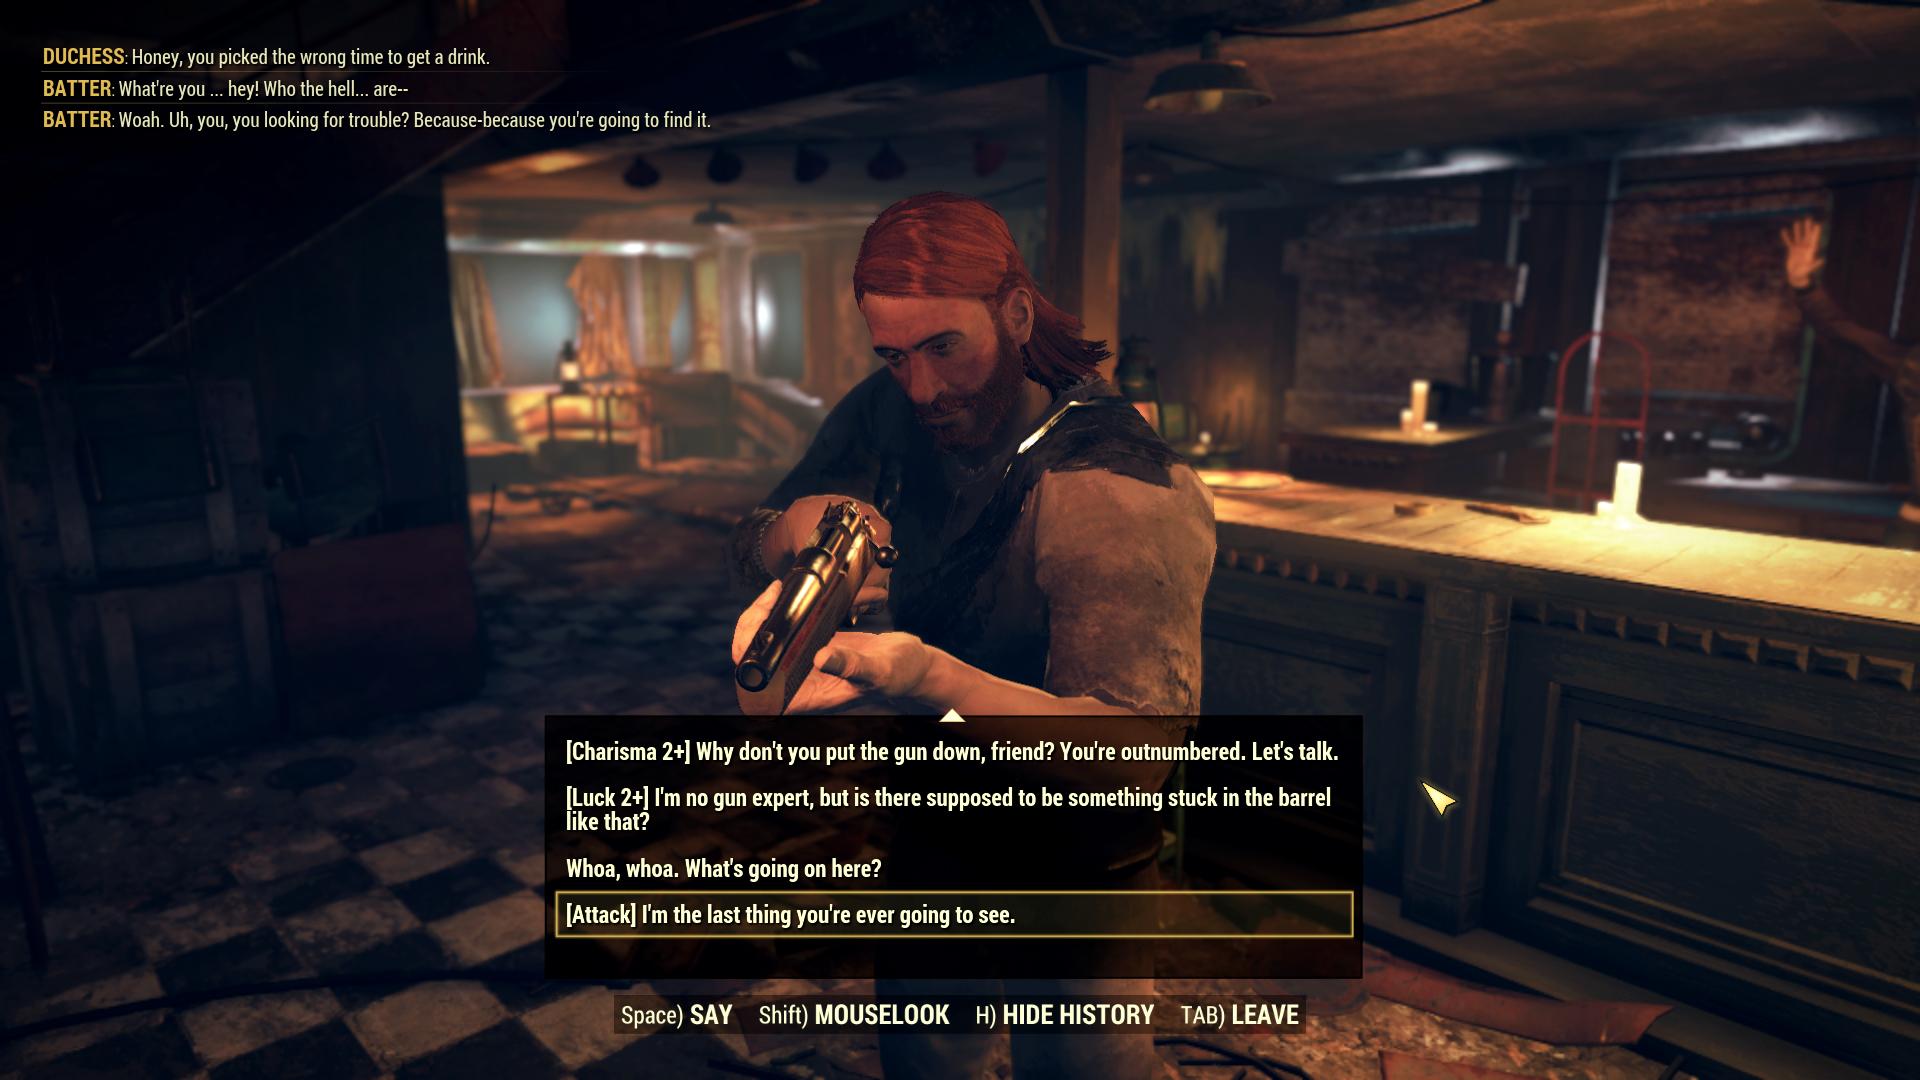 Las opciones de diálogo serán importantes en la actualización de Fallout 76 Wastelanders 5